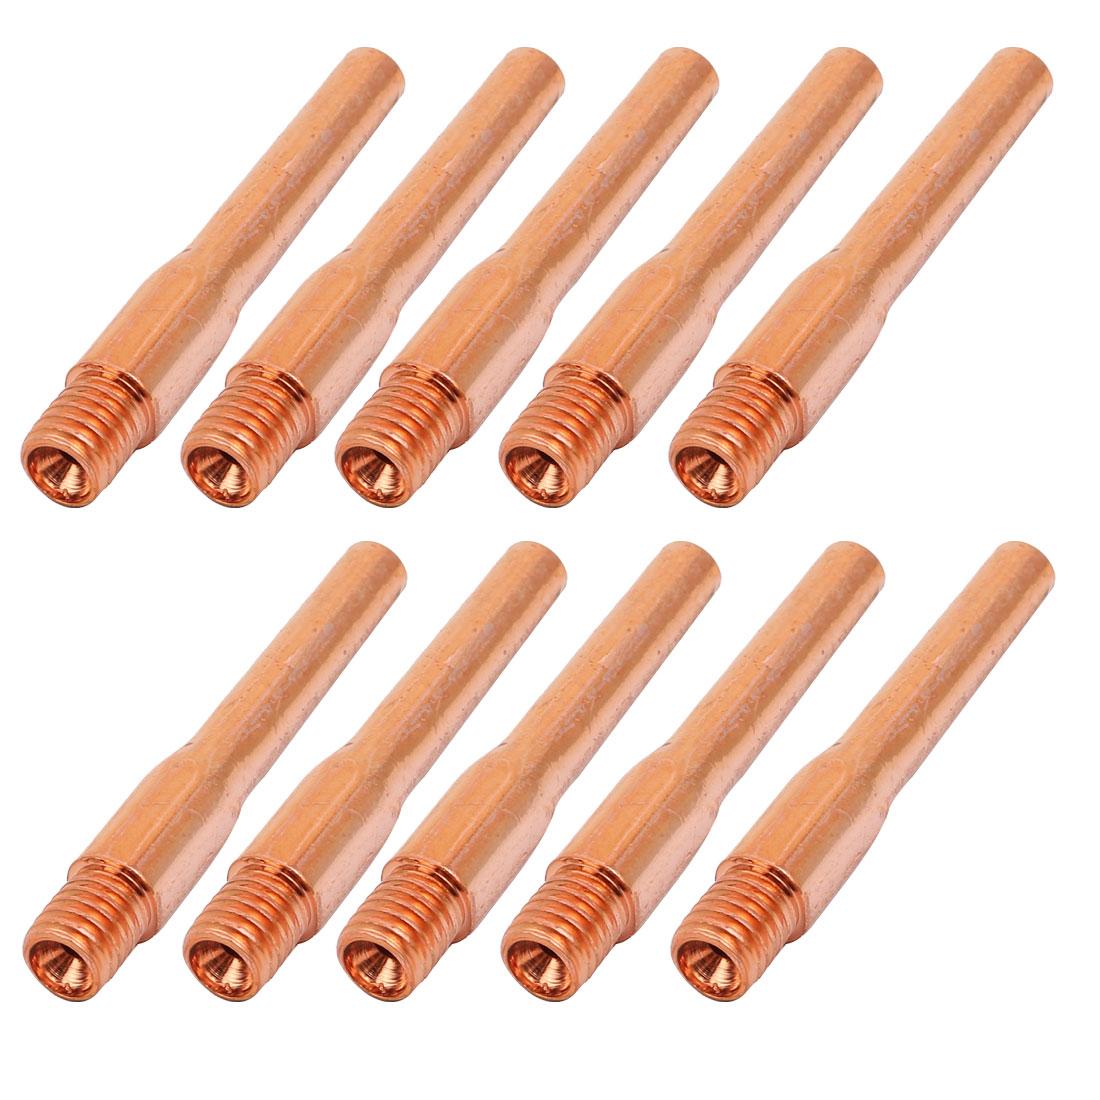 10Pcs Welding Gun 1.2mm x 45mm Copper Contact Tip Repair parts